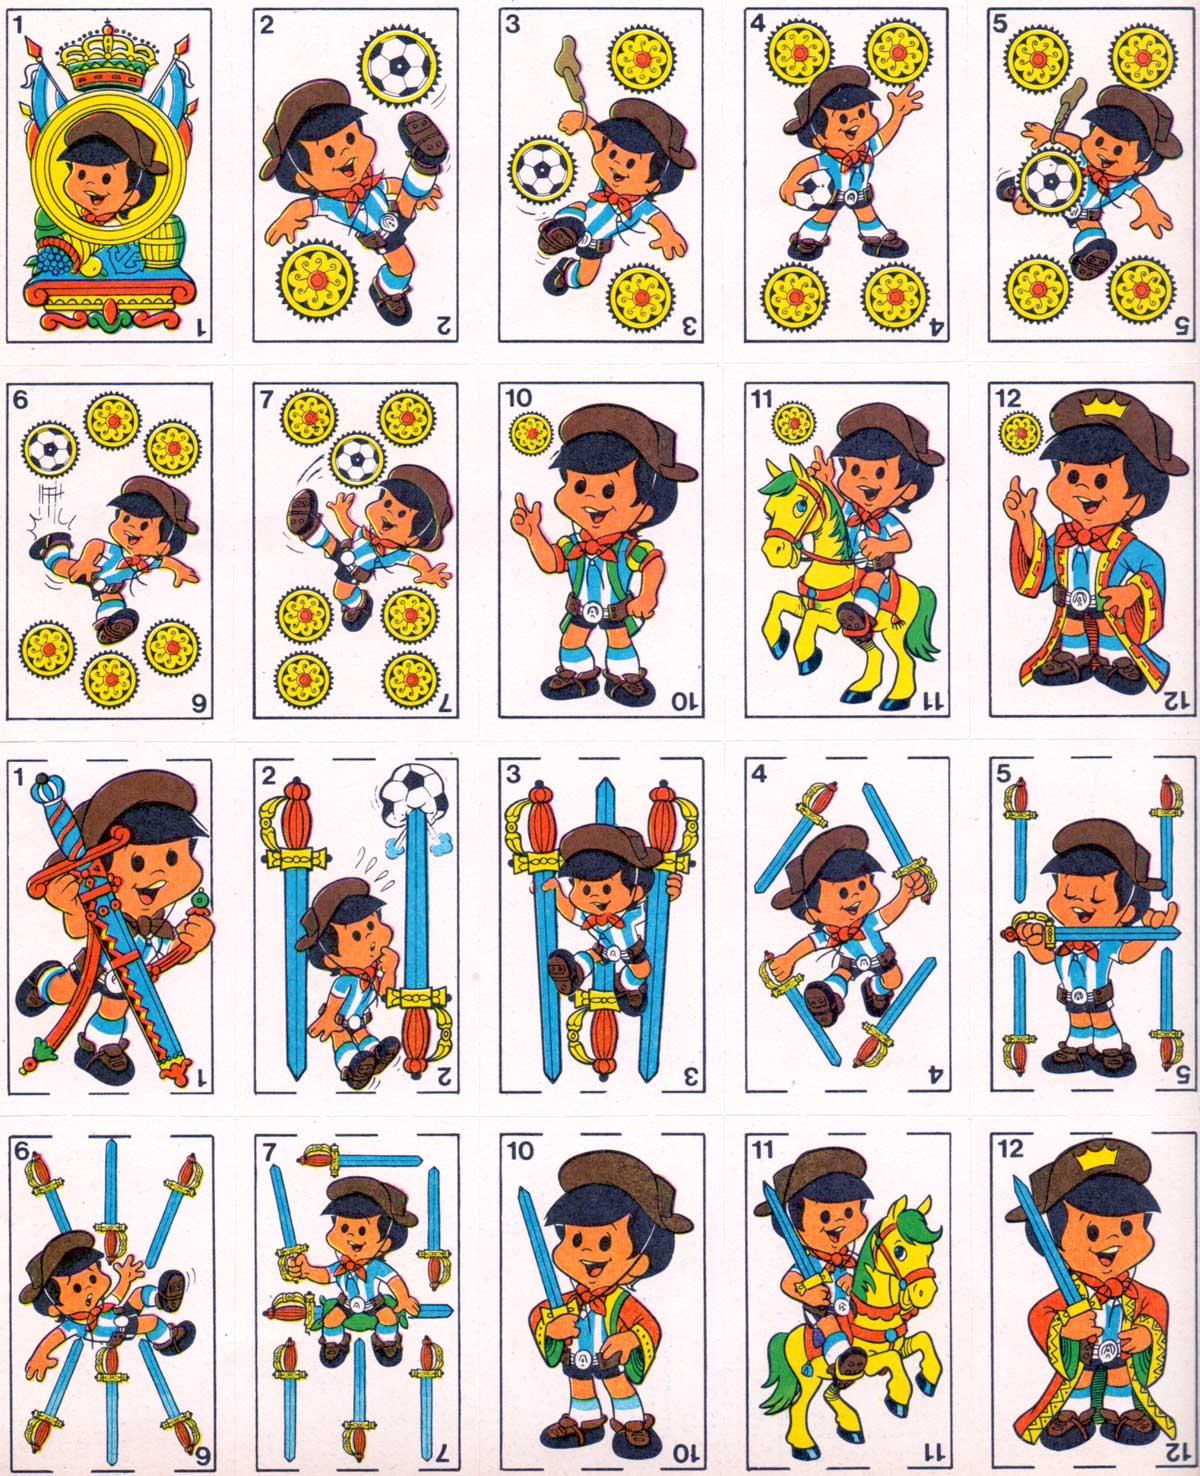 'Mundialito' toy playing cards published inside the magazine 'Radiolandia 2000', Argentina, 1978